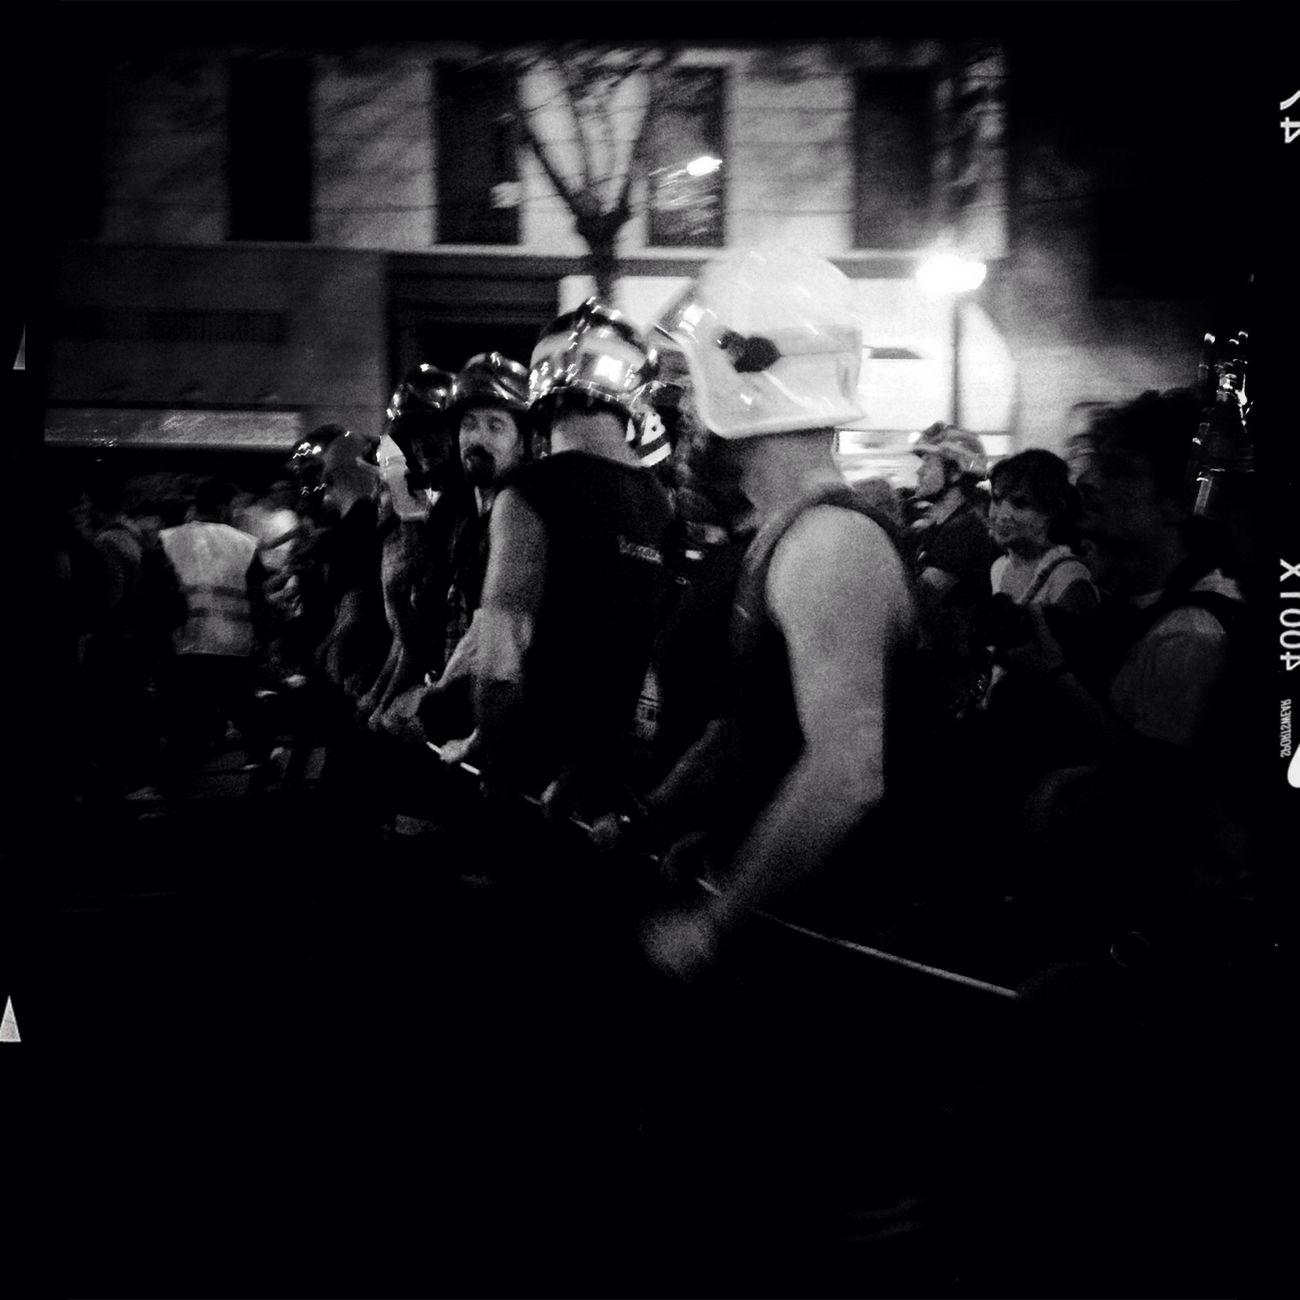 Marcha Negra Streetphoto_bw Streetphotography Street Photography Black & White Blackandwhite Monochrome StreetsWithPeople